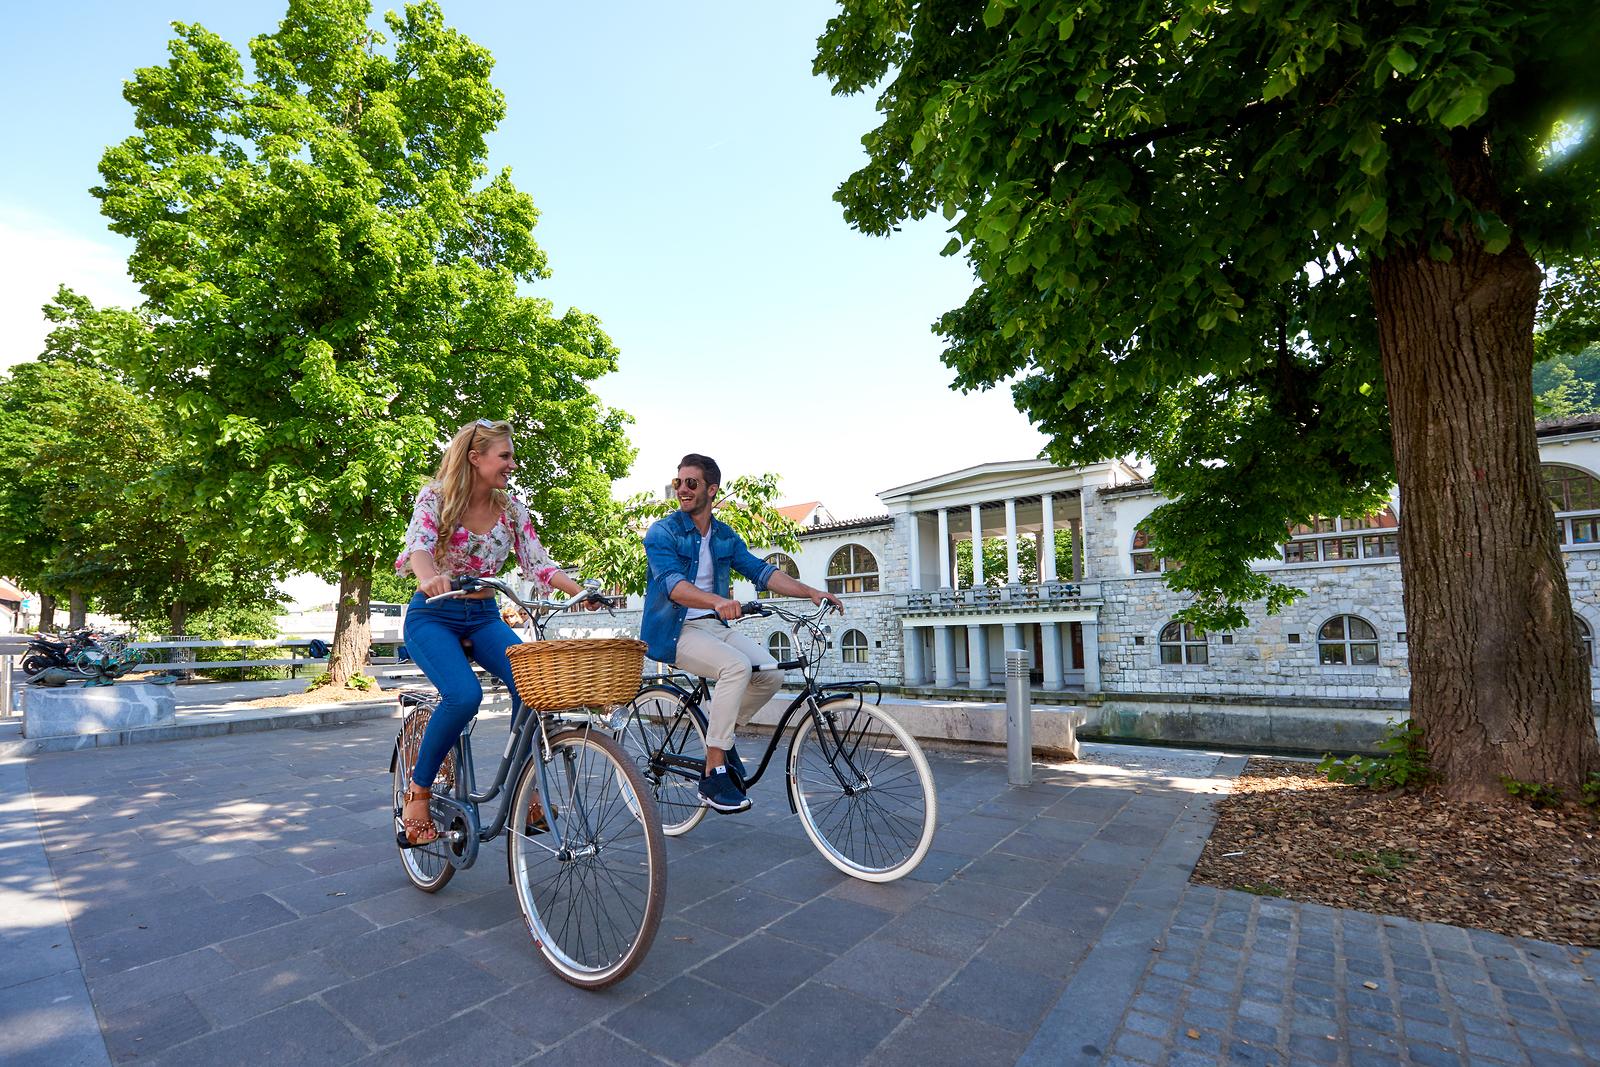 cycling in Ljubljana - Ljubljana green travel guide